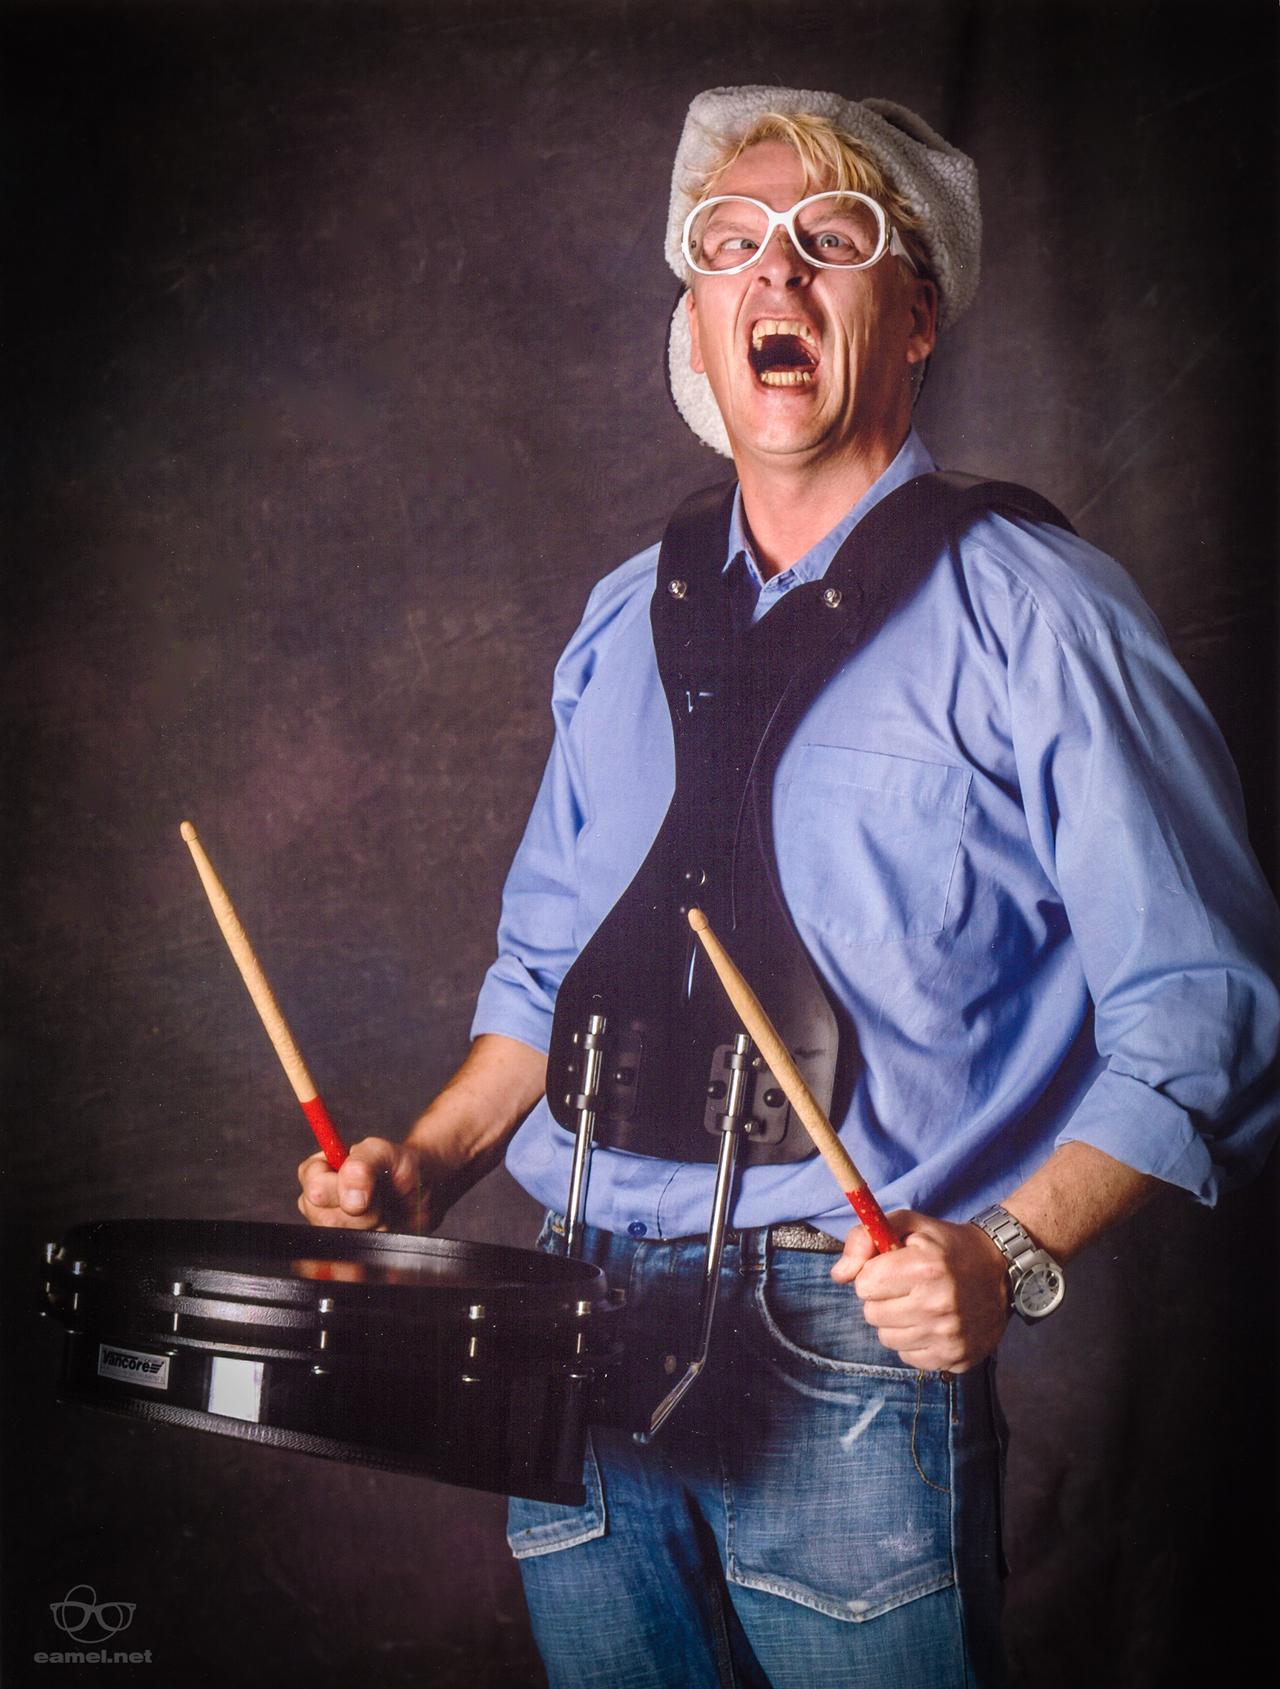 drumband 1 1280 - Staziportret